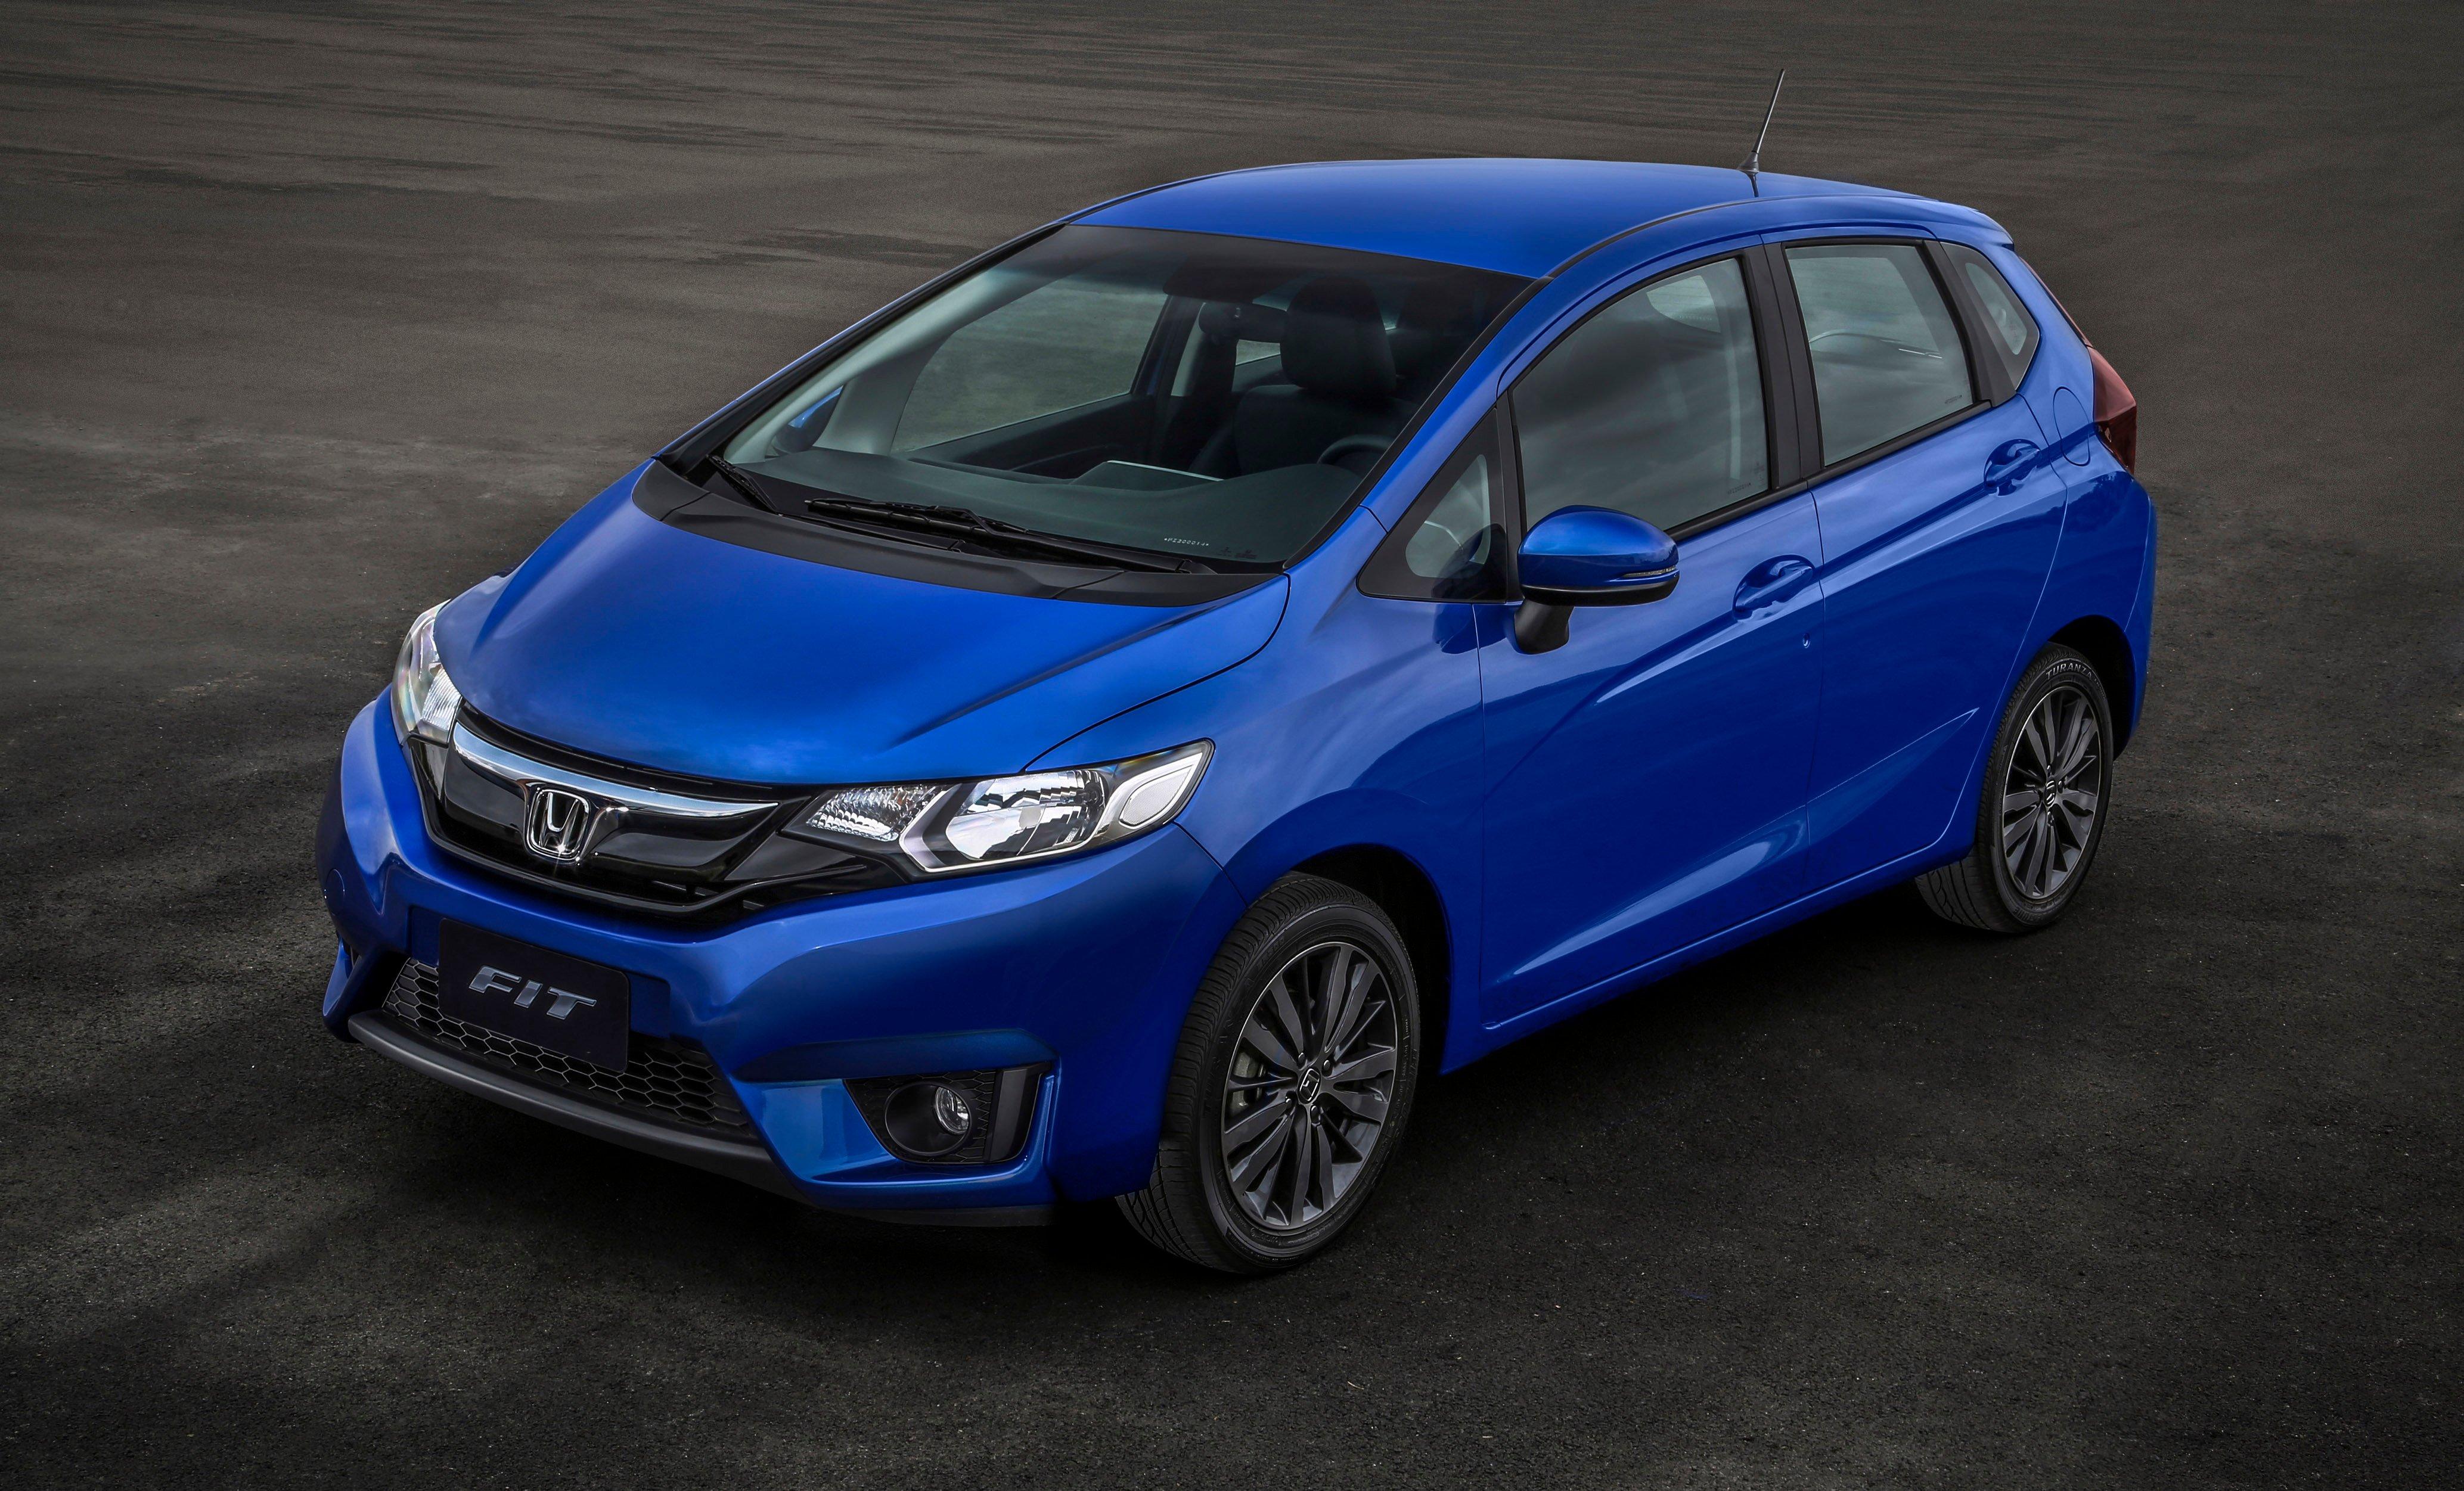 Honda fit pre os vers es e detalhes da nova gera o for Honda fit enter code